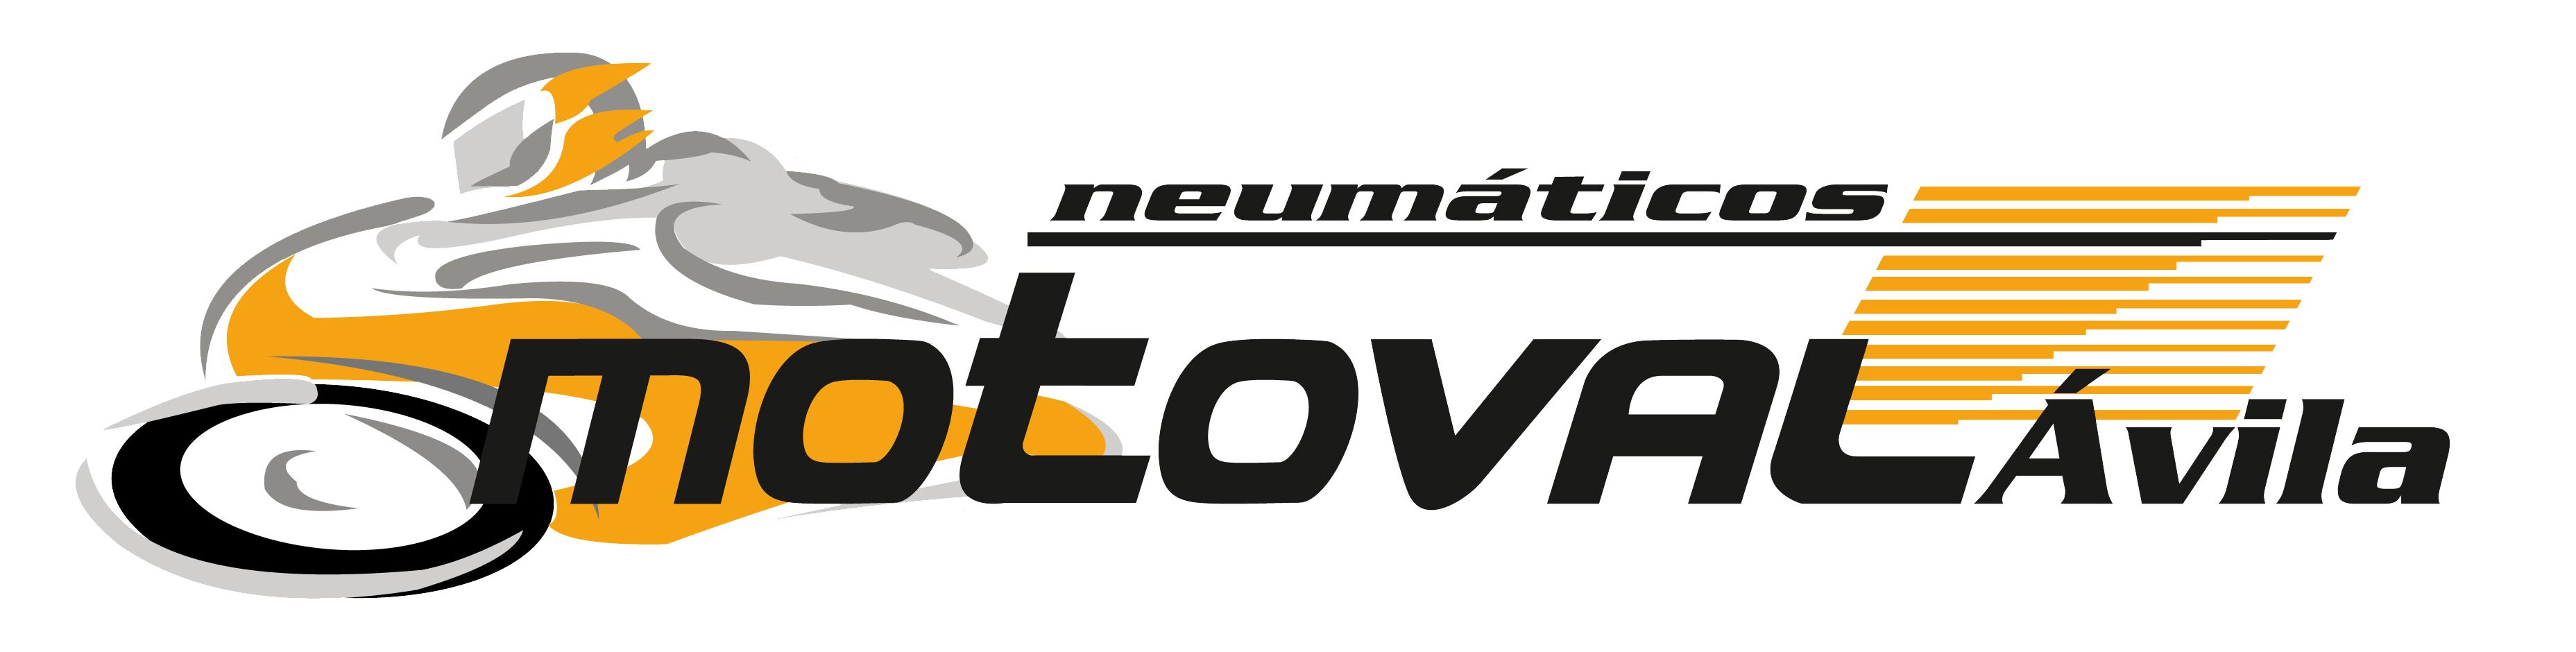 Logotipo Neumaticos Motoval Avila